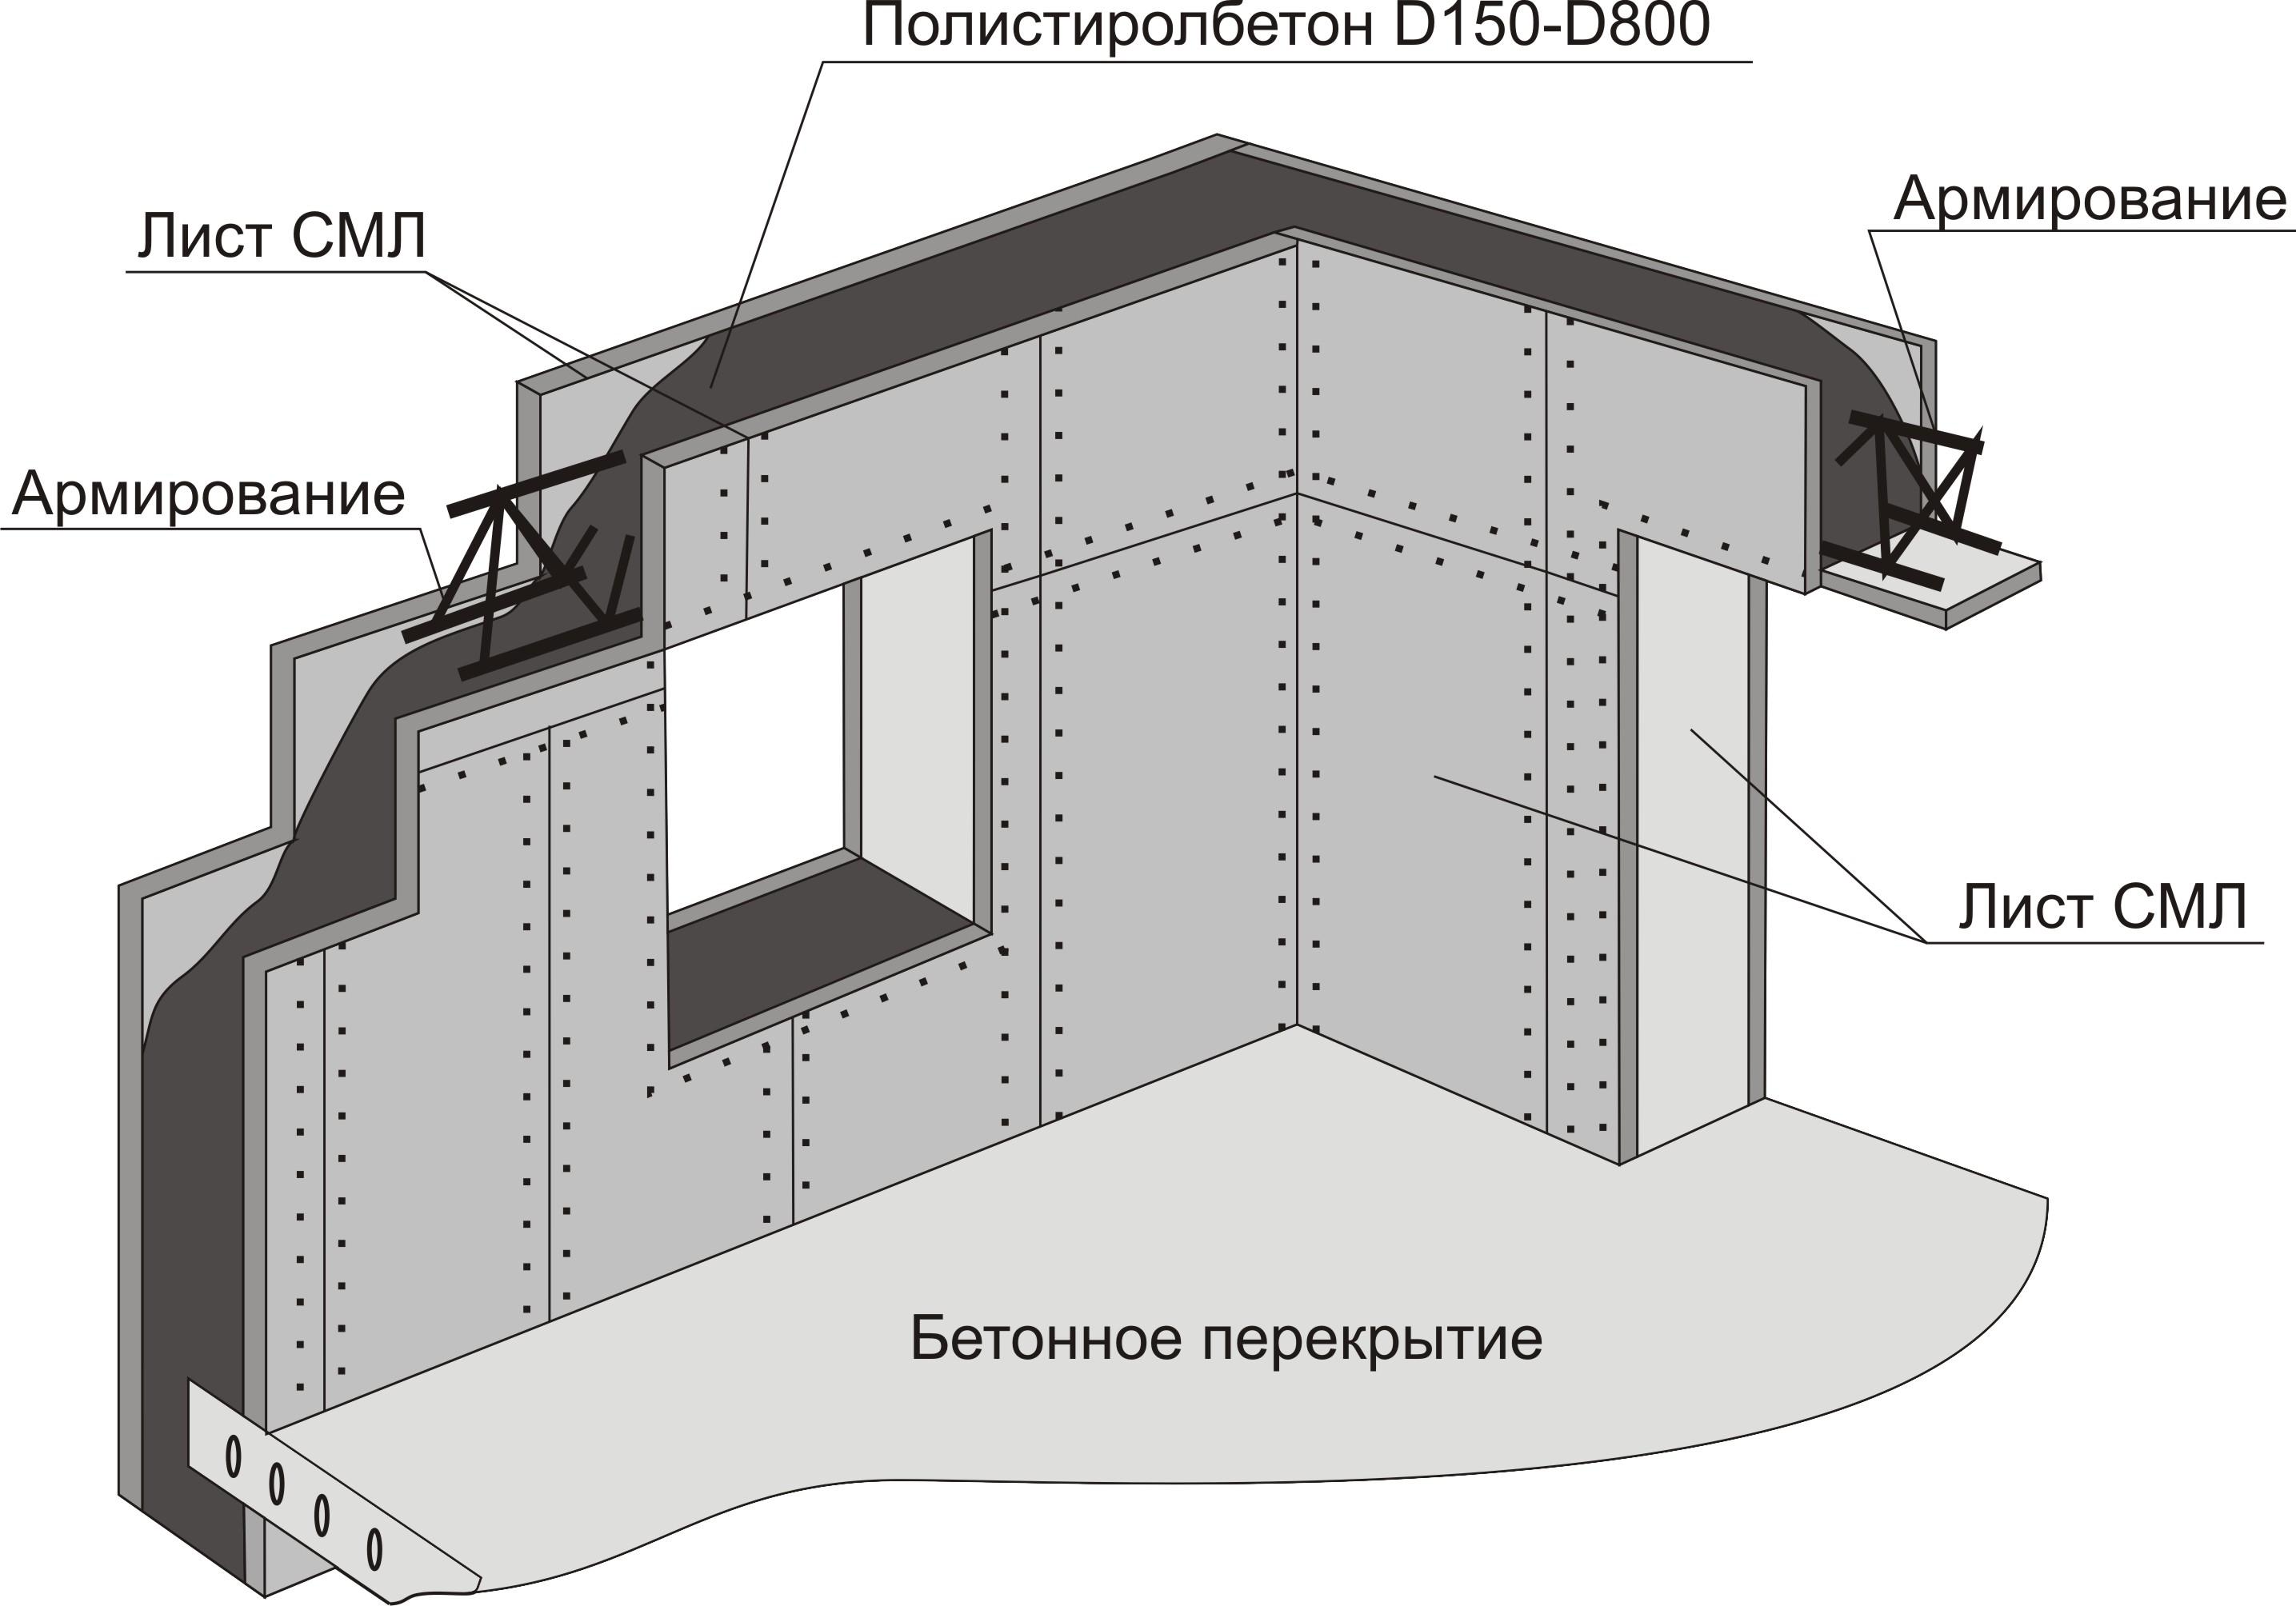 Дом своими руками из полистиролбетона